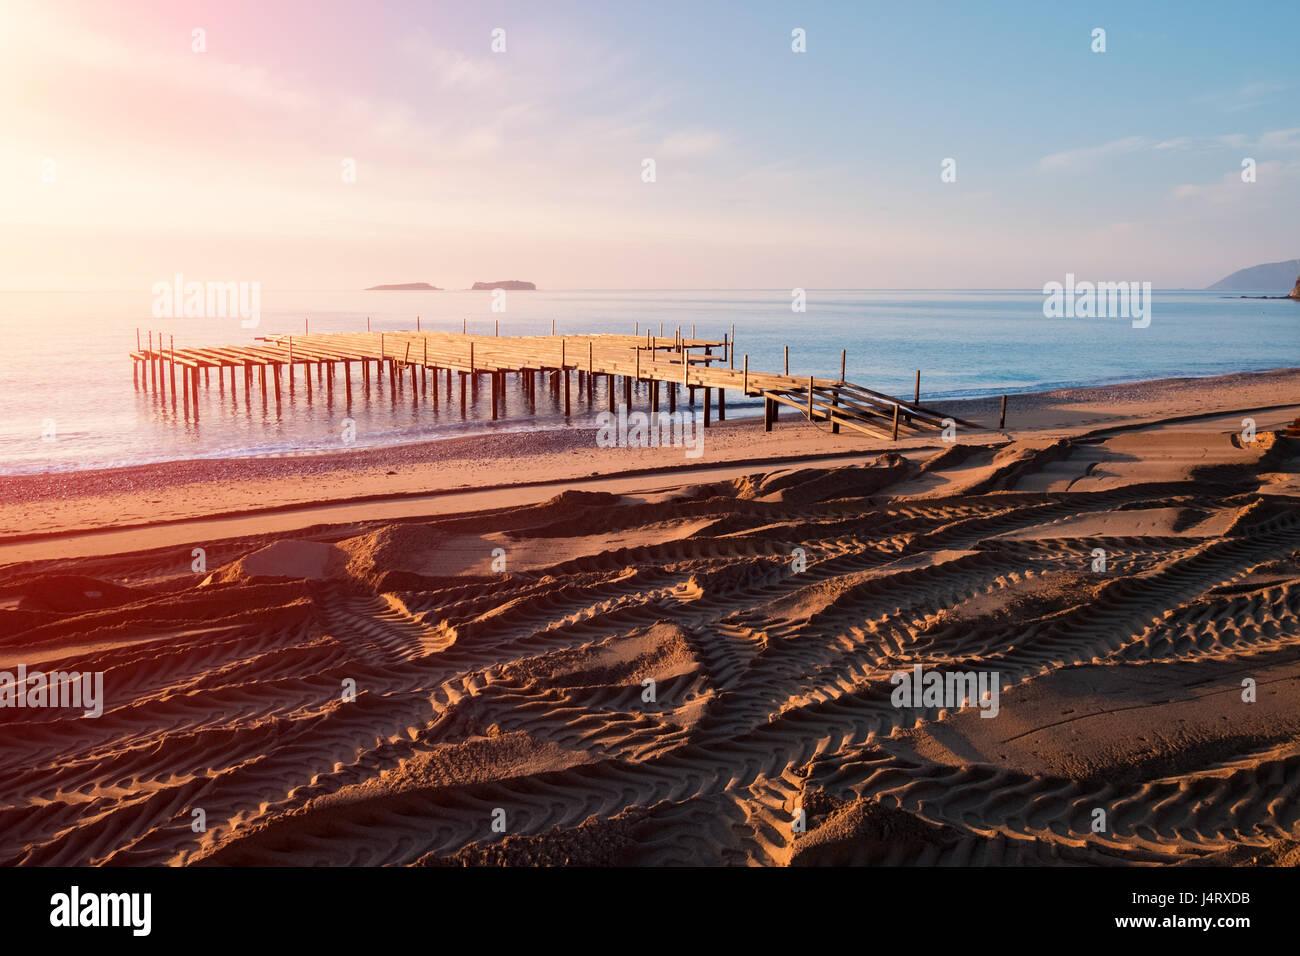 Installation d'une terrasse d'été sur la plage. Vue imprenable sur la mer méditerranée. Photo Stock